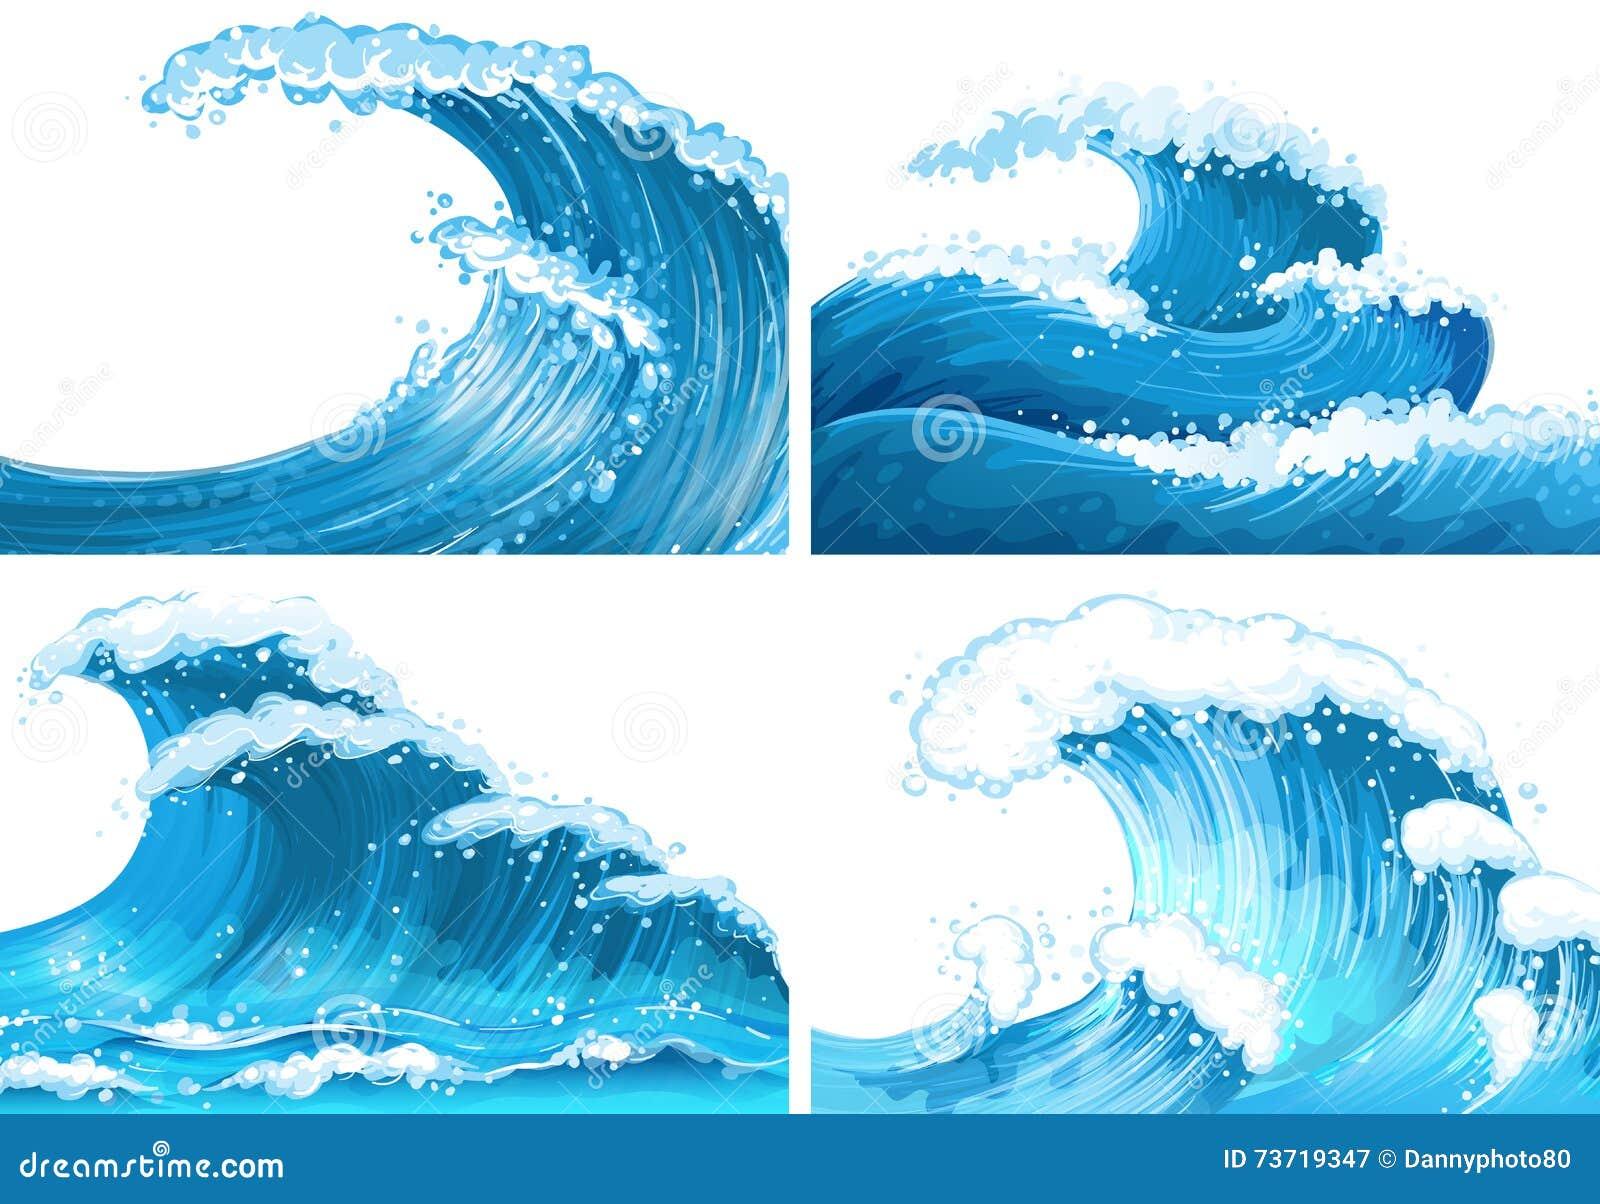 Vier scènes van oceaangolven